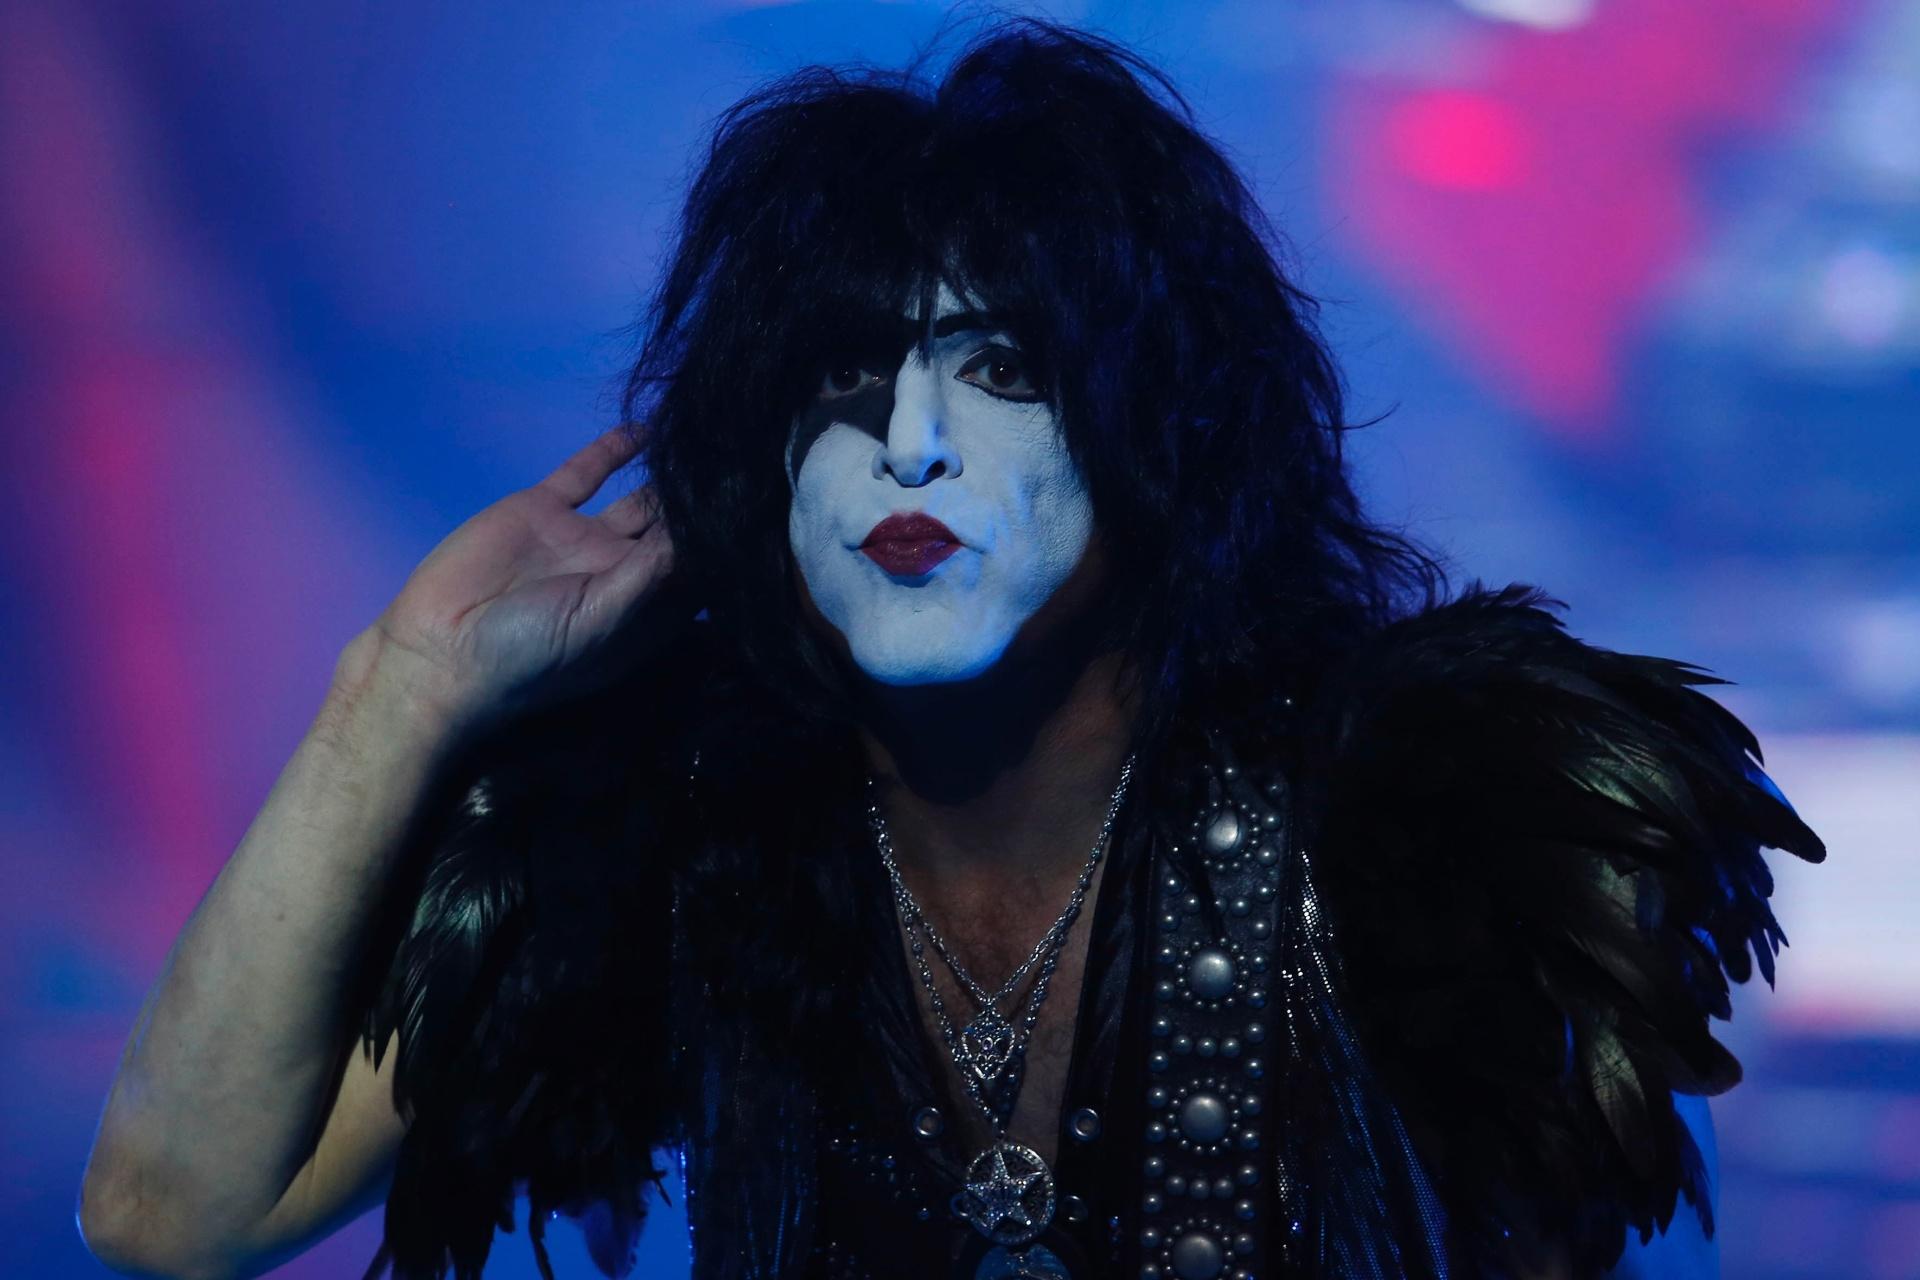 KISS fecha o Monsters of Rock com apagão na voz de Paul Stanley e atraso -  27 04 2015 - UOL Entretenimento c936b79fc6da0